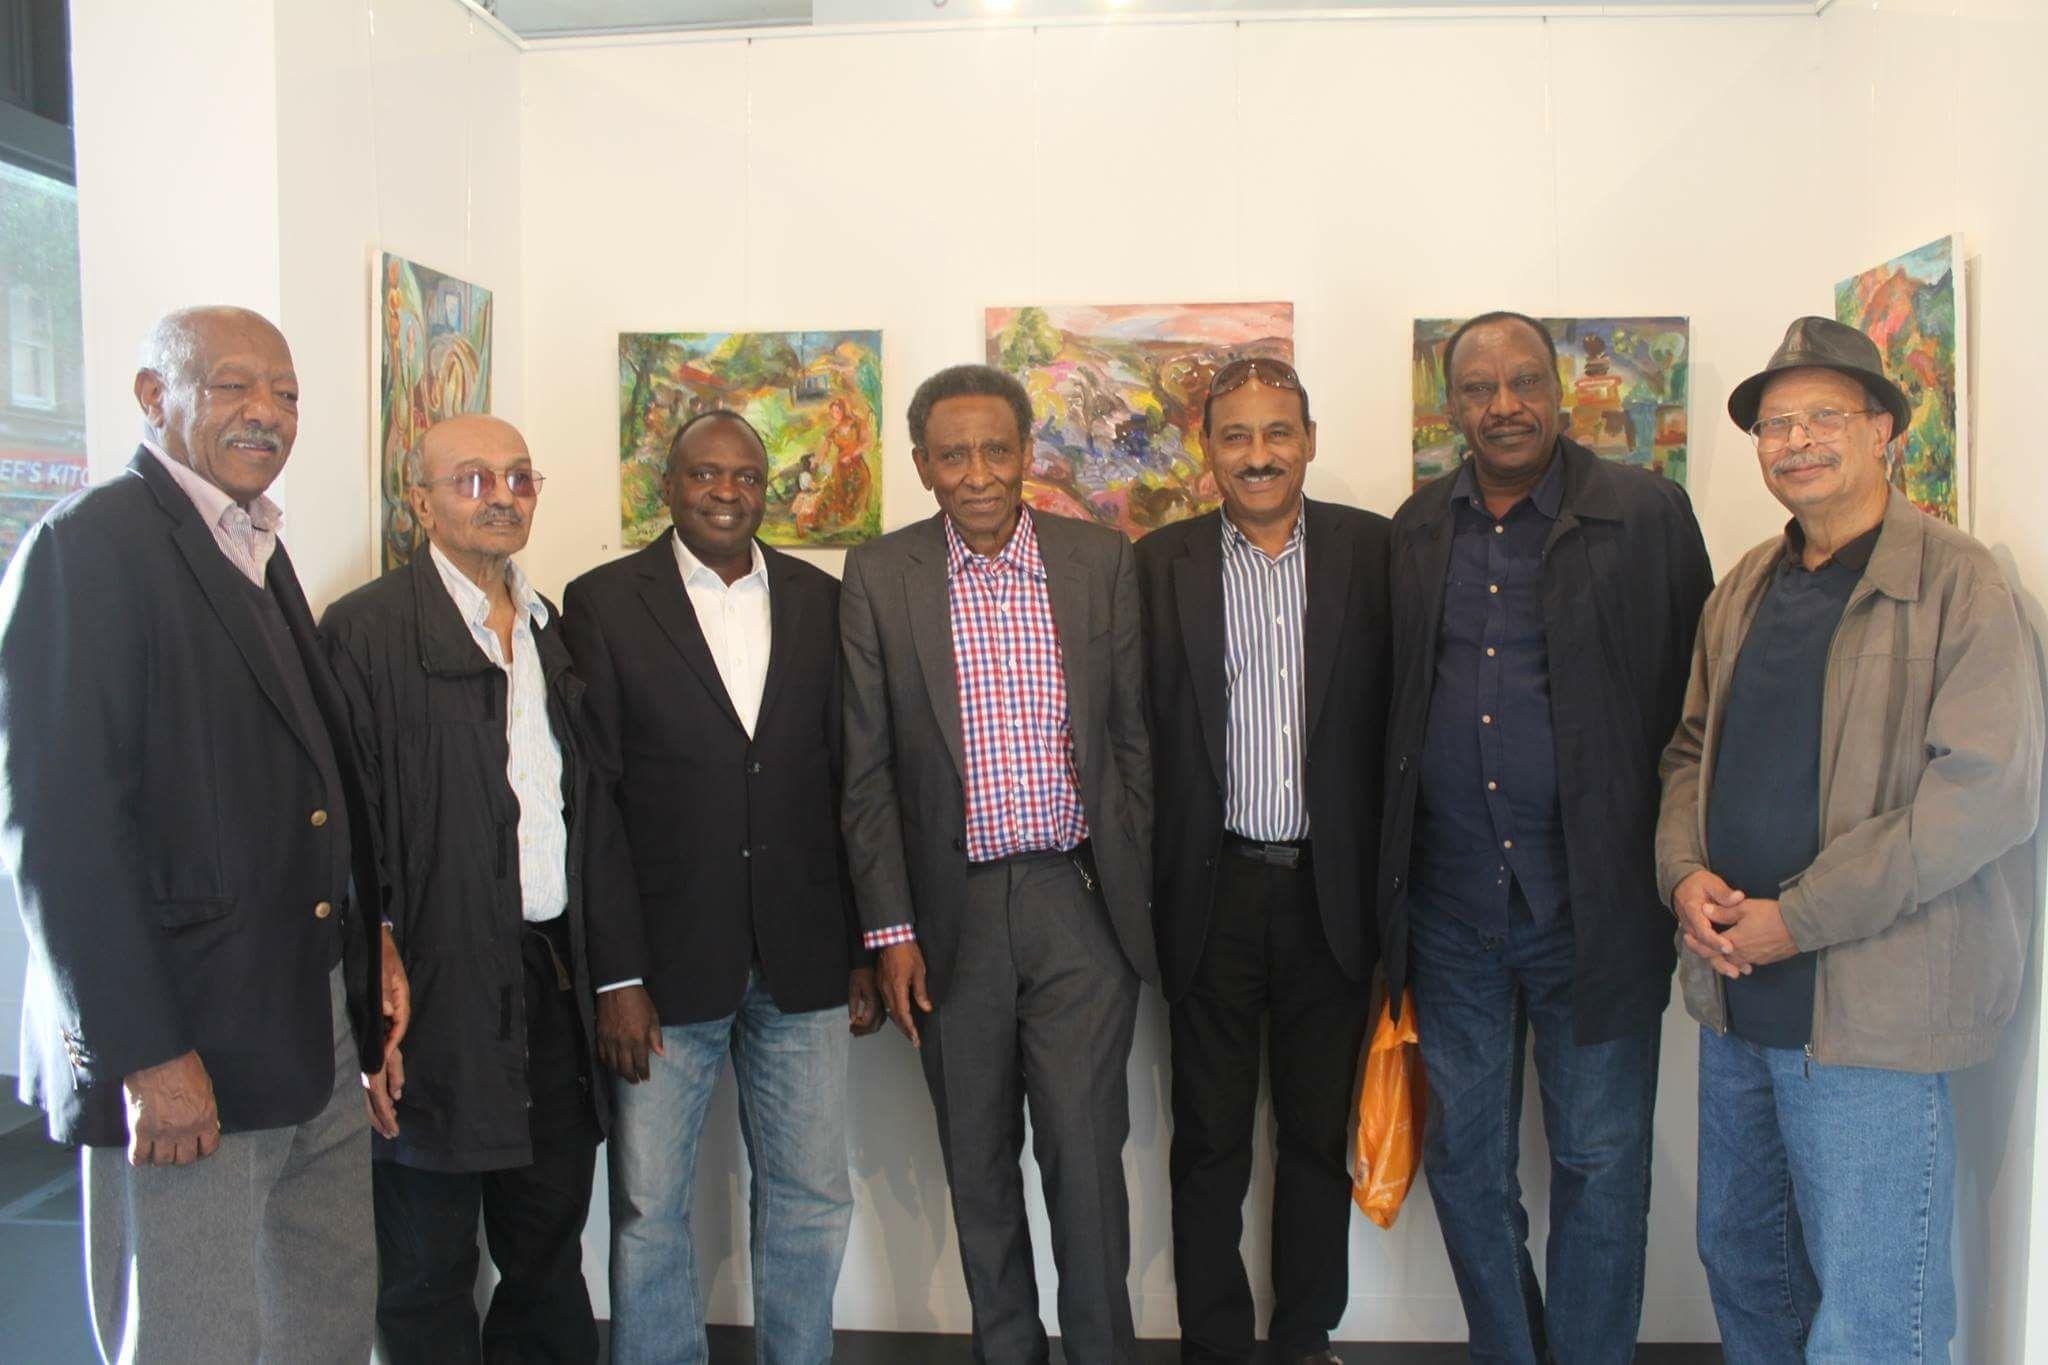 فنان تشكيلي سوداني يعرض أعماله في لندن